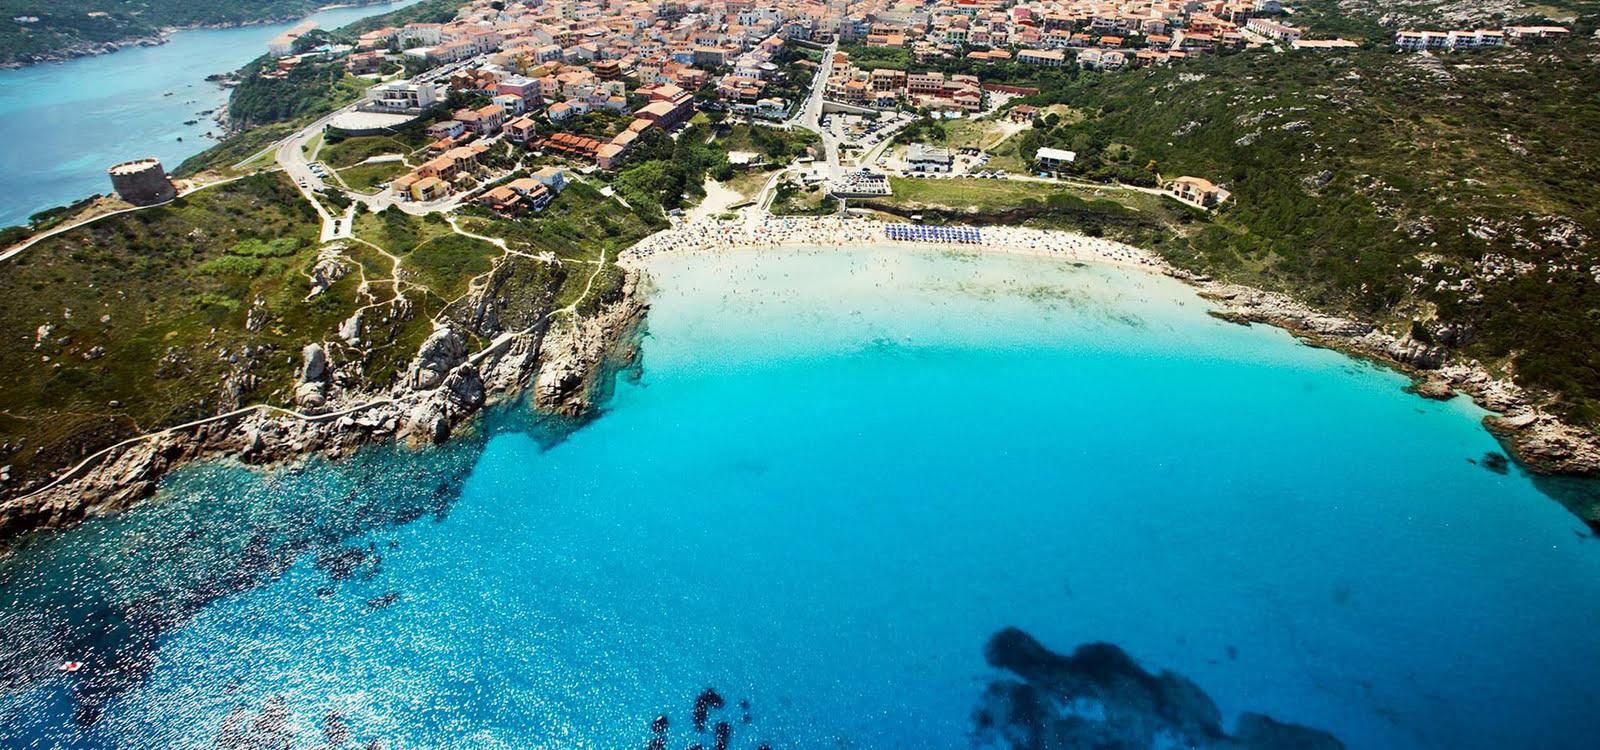 Сардиния - остров который облюбовали боги